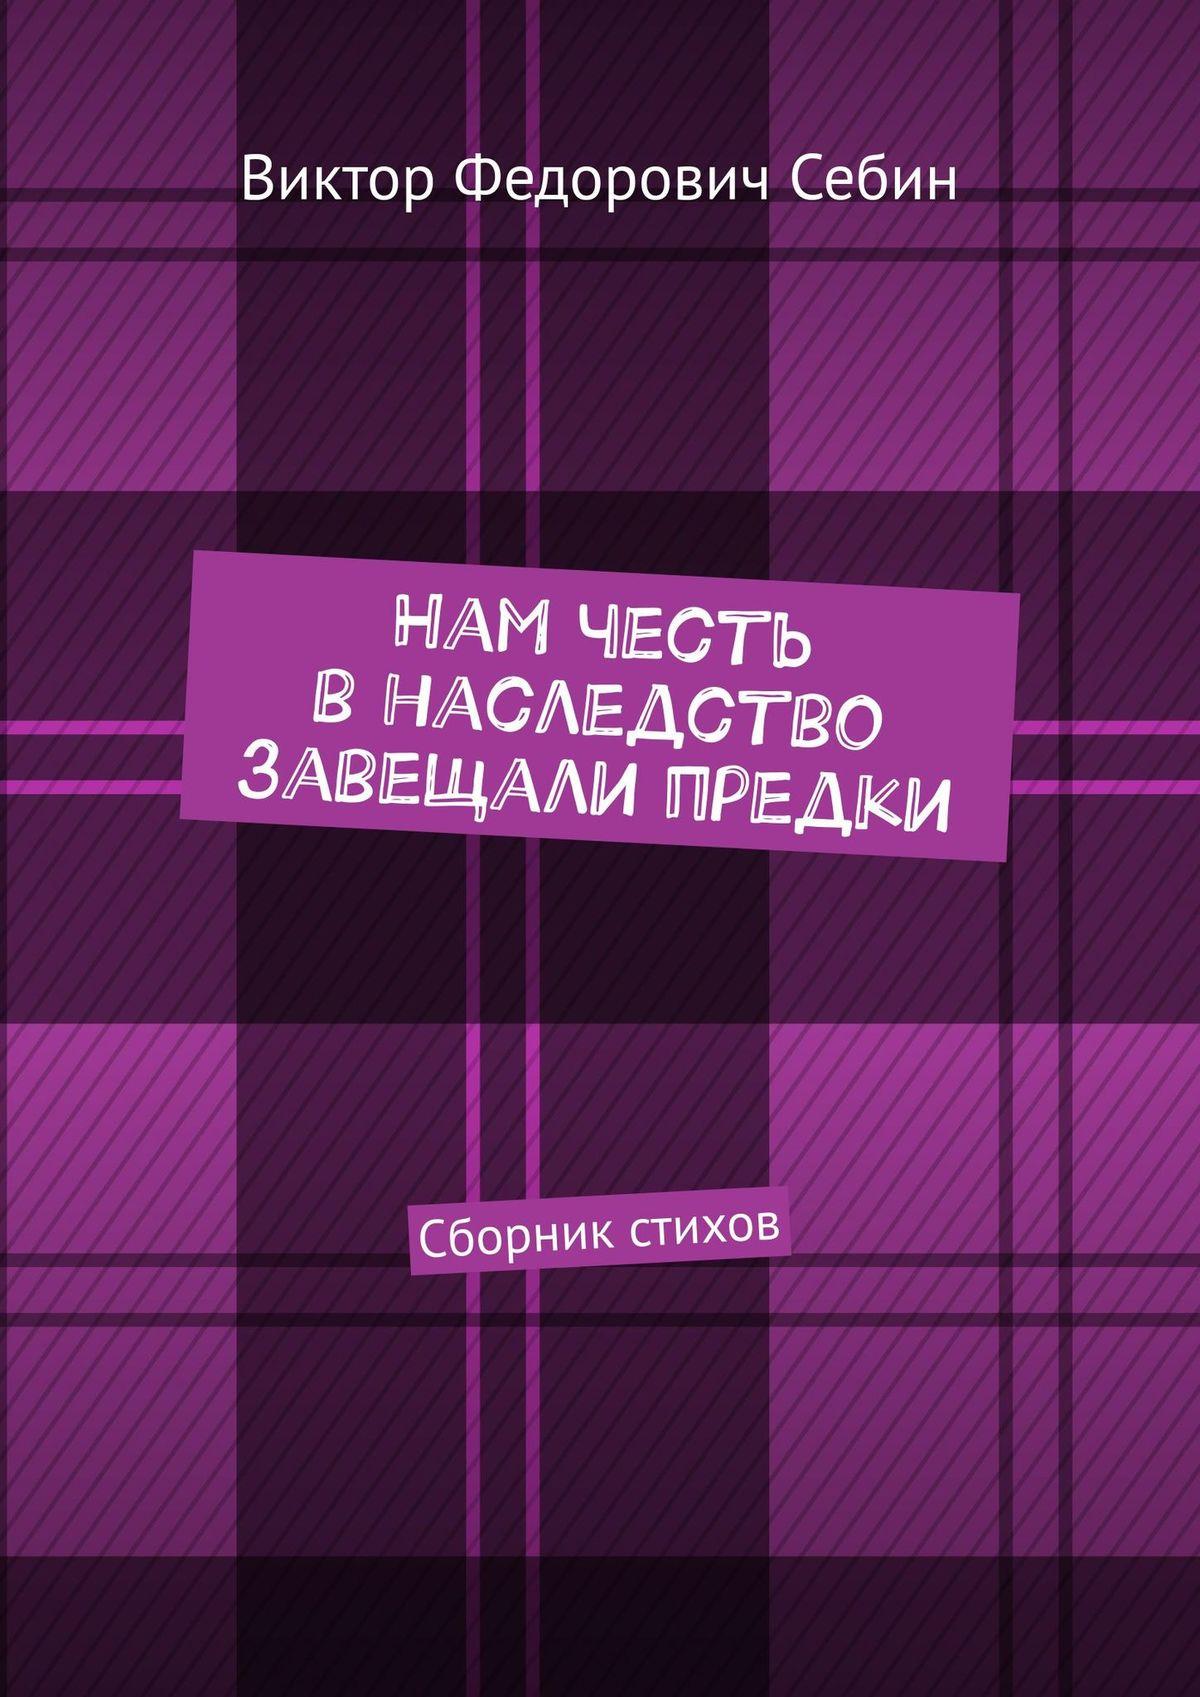 Виктор Федорович Себин Нам честь внаследство завещали предки. Сборник стихов виктор снежен сказки для взрослых в стихах